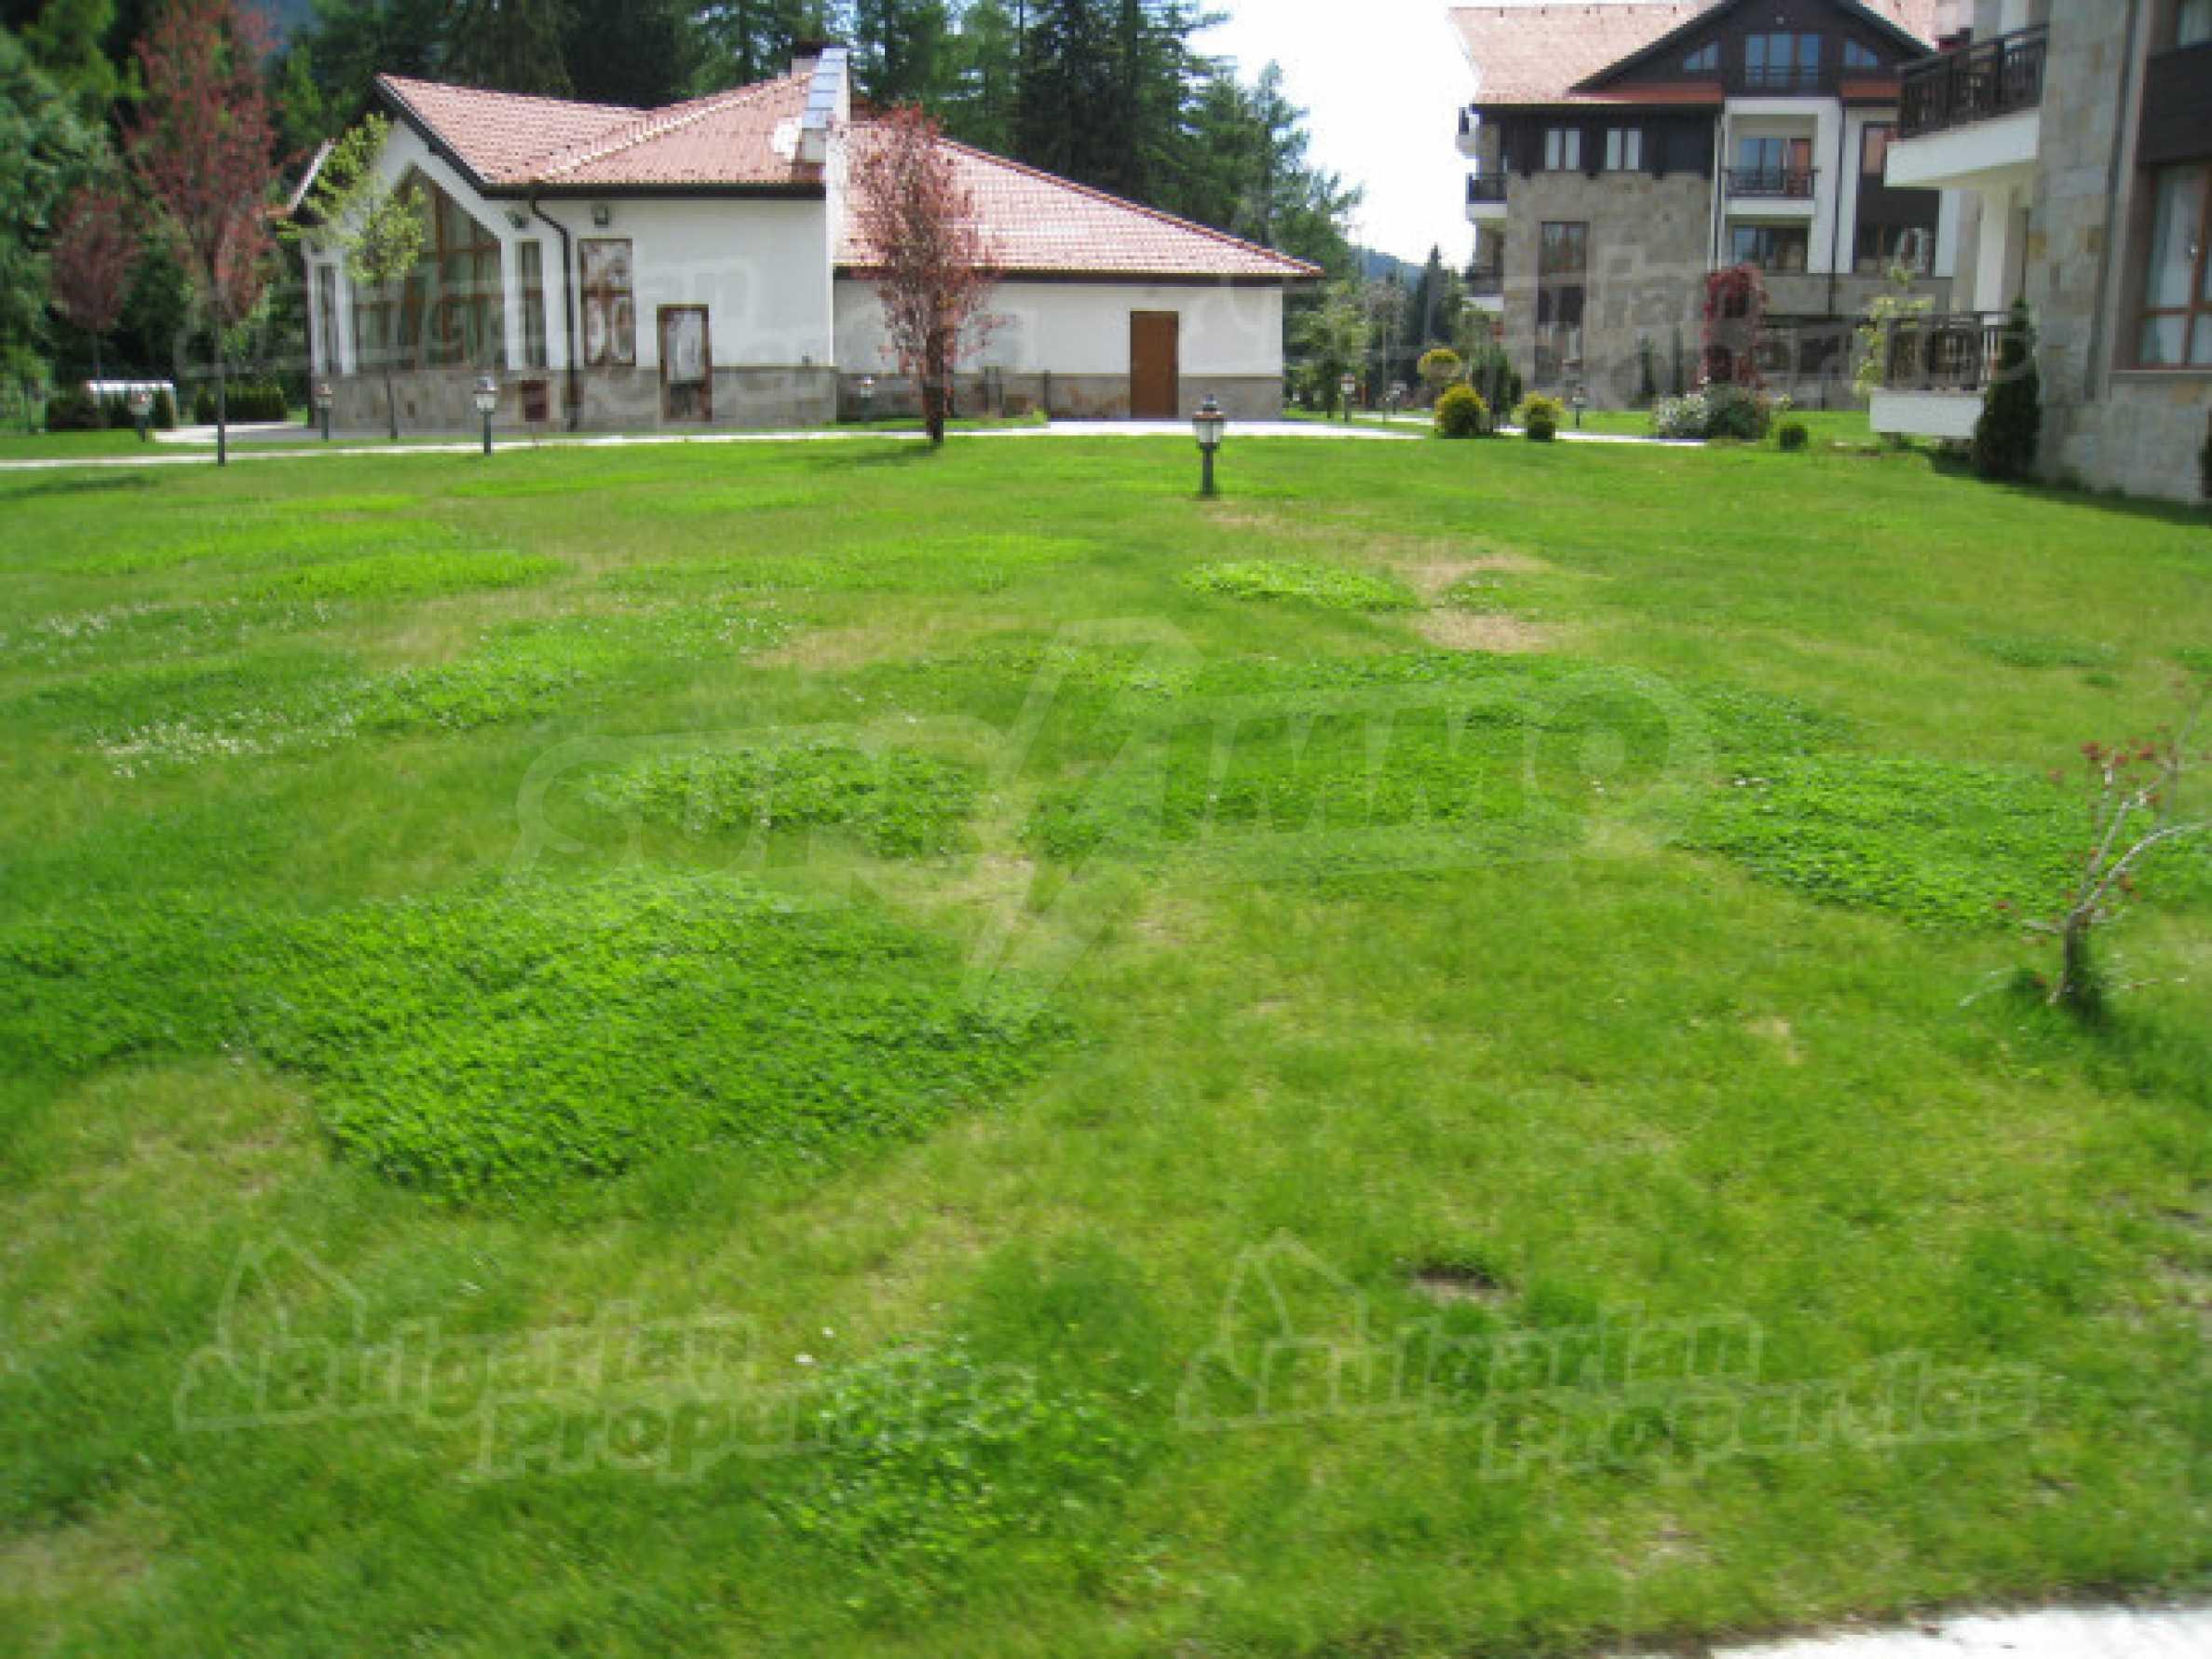 Erstklassige Wohnungen zum Verkauf Meter von der Yastrebets-Strecke in Borovets entfernt 18